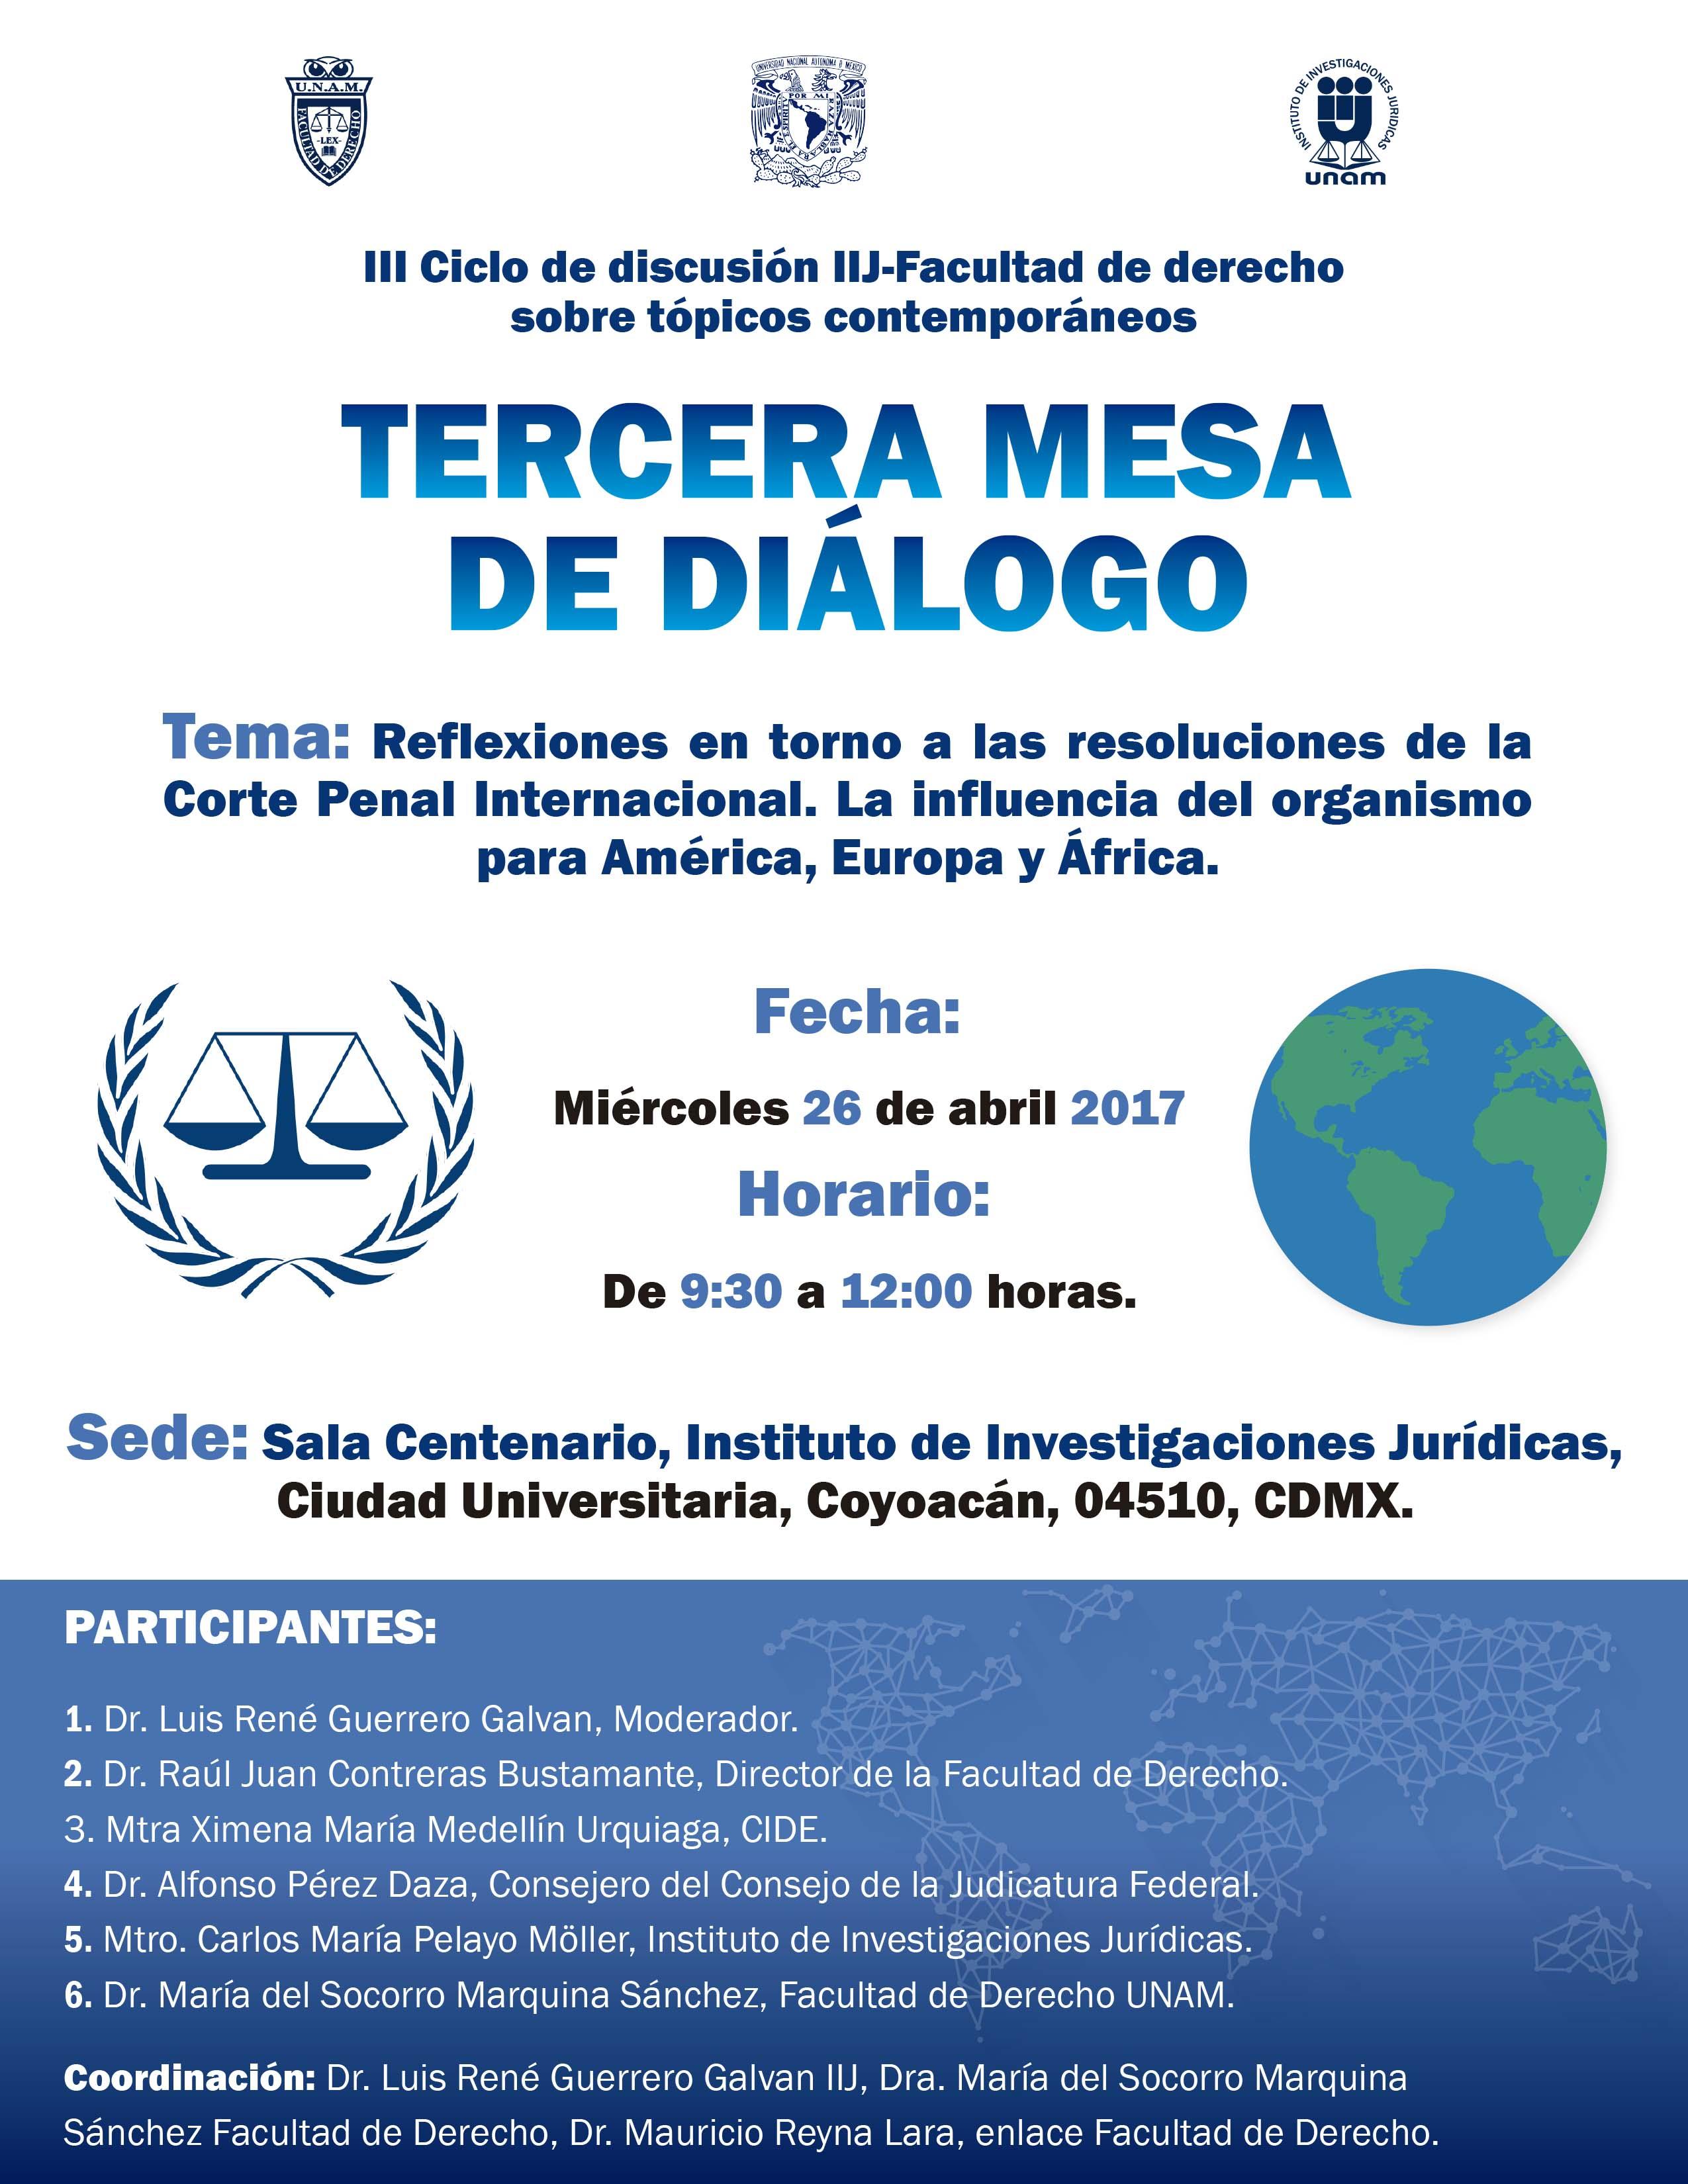 Reflexiones en torno a las resoluciones de la Corte Penal Internacional. La influencia del organismo para América, Europa y África